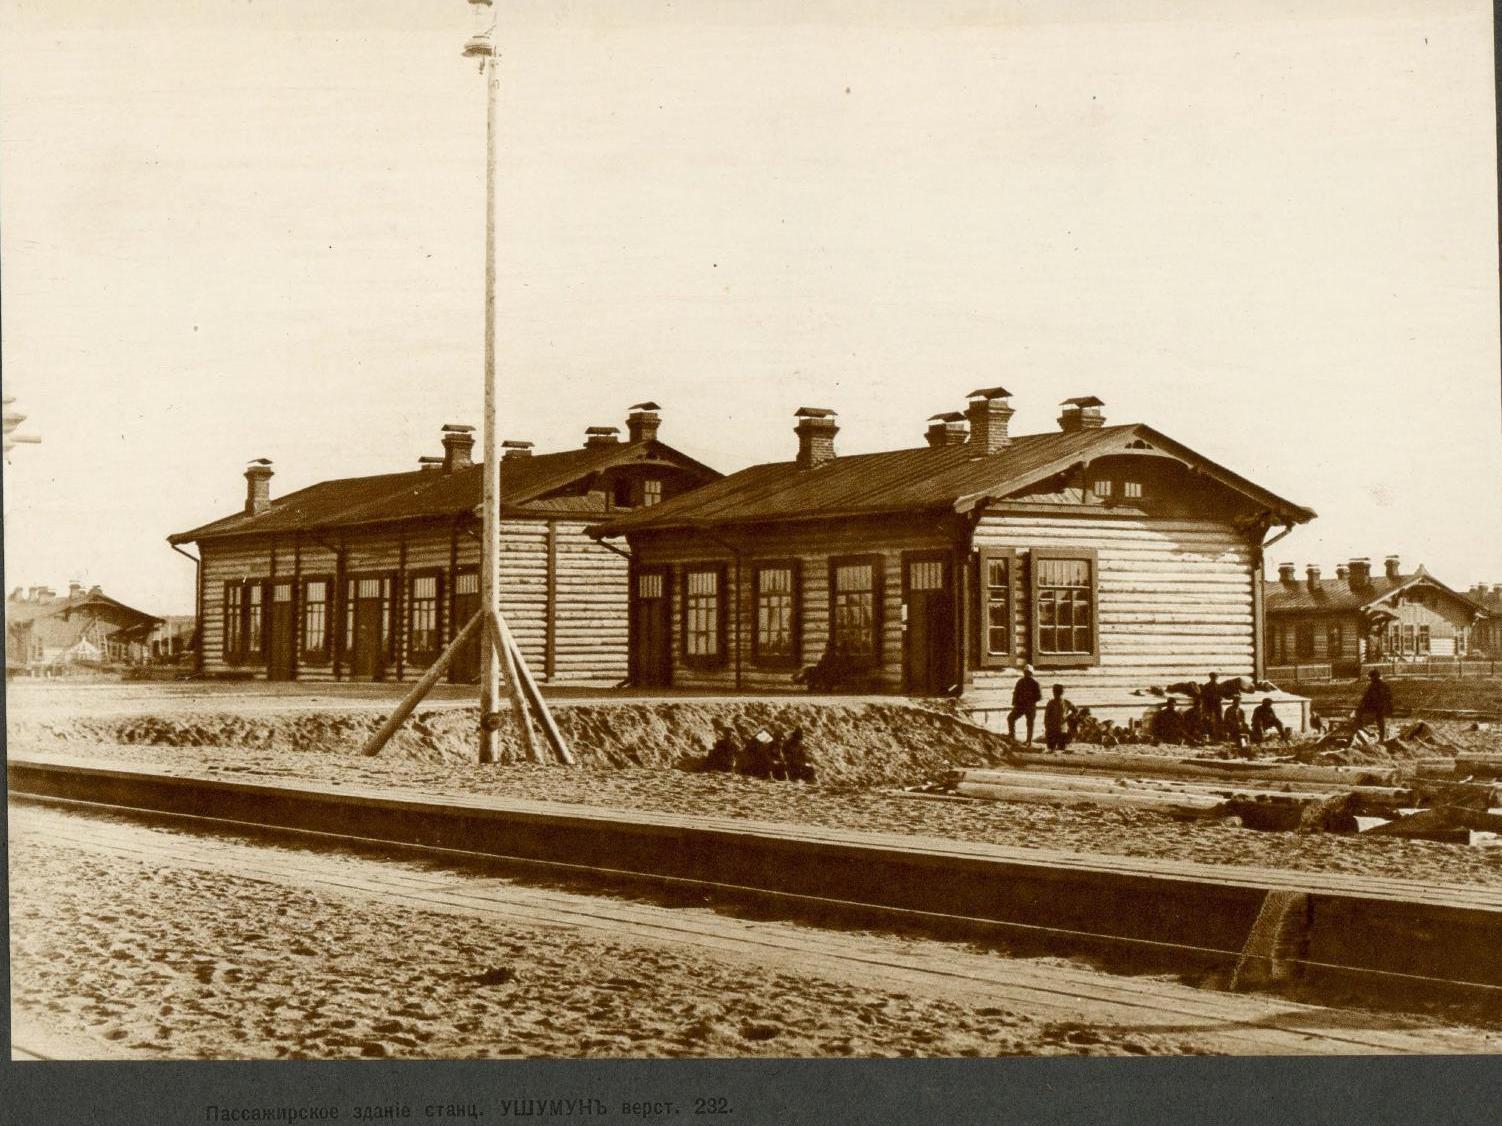 232 верста. Станция Ушумун. Пассажирское здание